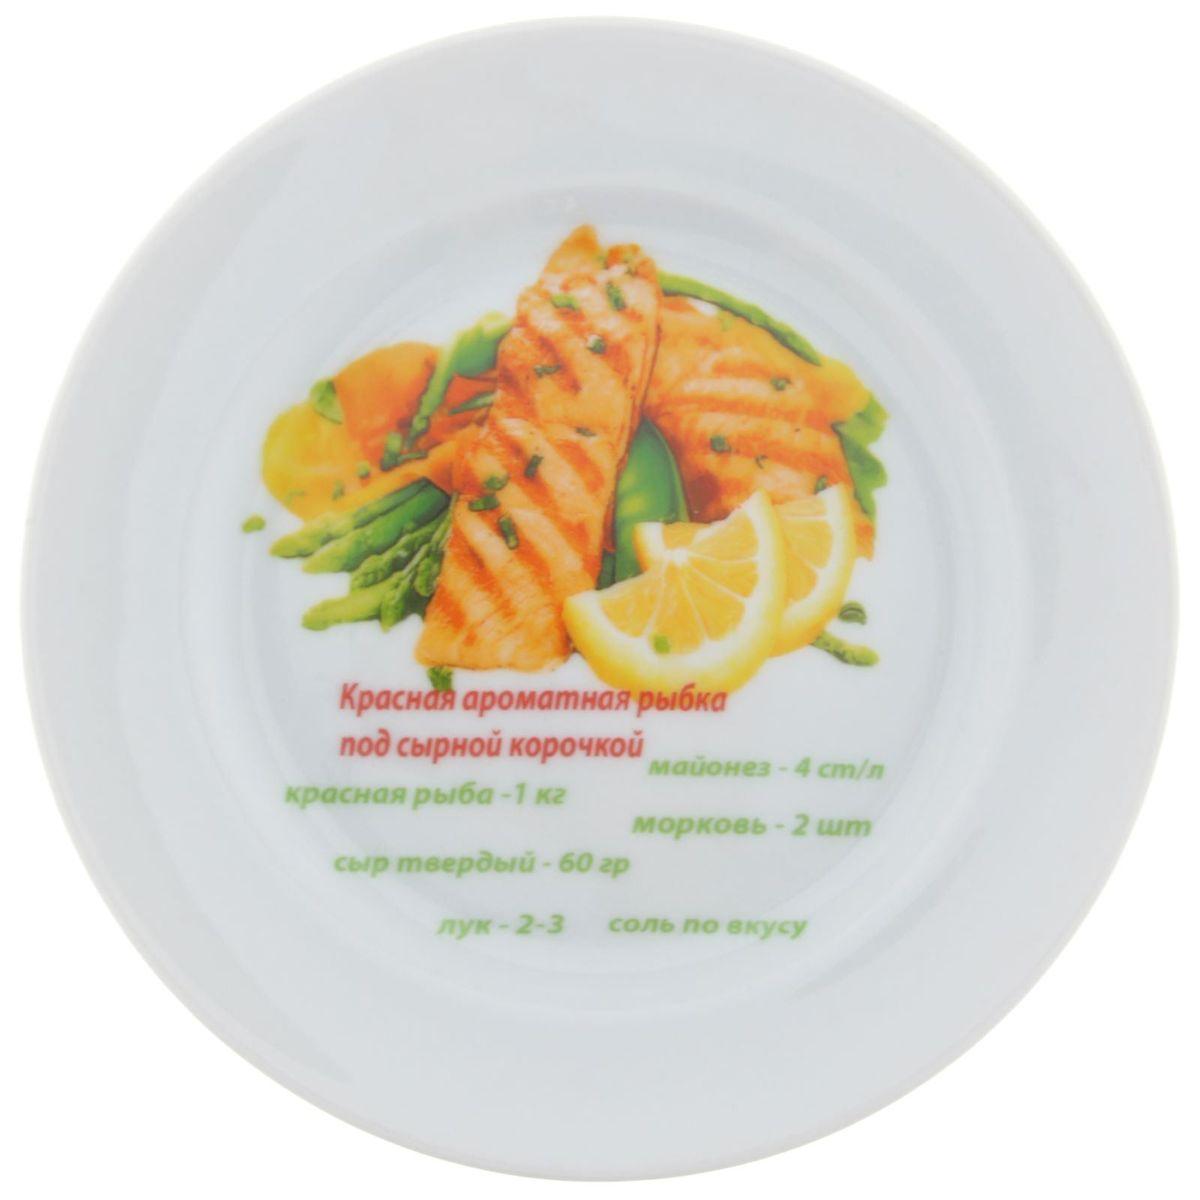 Тарелка мелкая Идиллия. Рецепты, диаметр 17 см1303796Глубокая тарелка Идиллия. Рецепты выполнена из высококачественного фарфора и украшена ярким изображением. Она прекрасно впишется в интерьер вашей кухни и станет достойным дополнением к кухонному инвентарю. Тарелка Идиллия. Рецепты подчеркнет прекрасный вкус хозяйки и станет отличным подарком. Уважаемые клиенты! Обращаем ваше внимание на возможные изменения в дизайне товара. Поставка осуществляется в зависимости от наличия на складе.